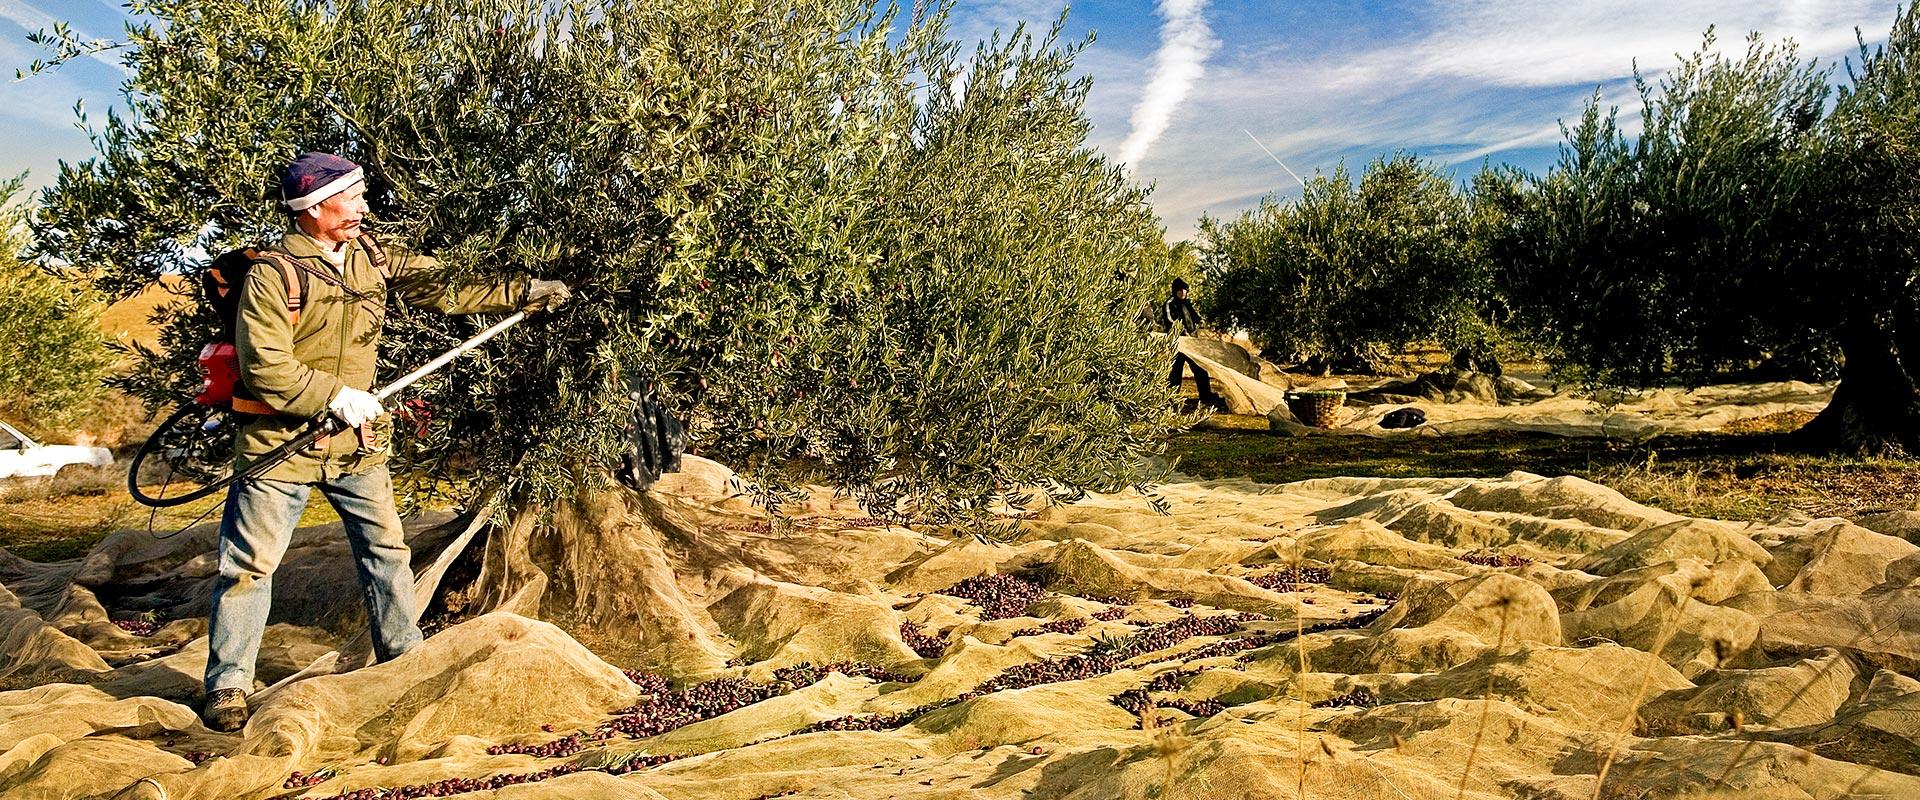 Olivenöl aus Navarra, hier werden die Oliven noch mit Handarbeit gepflückt